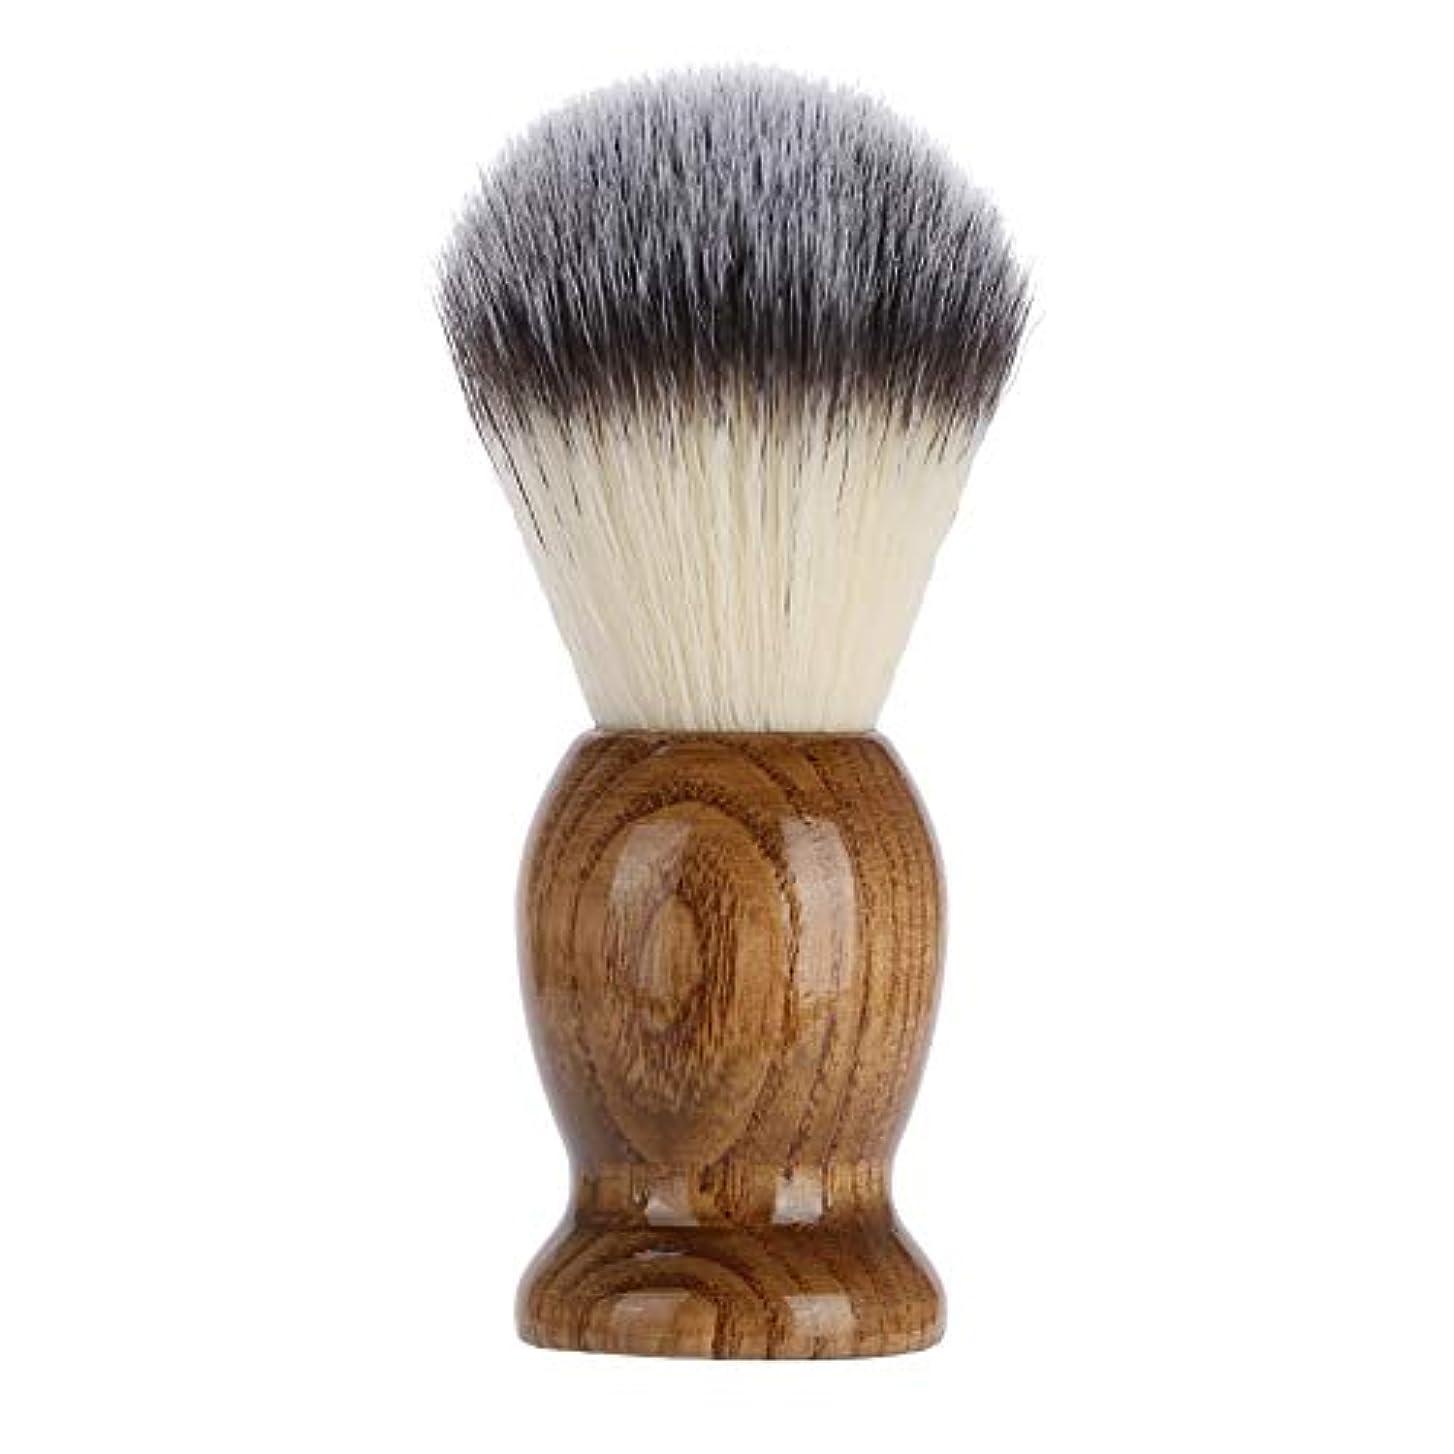 誰の縁はっきりしないZJchao プロフェッショナル 木製シェービングブラシ 2色 あご髭シェービングブラシ 軽量 ポータブルサイズとハンドル付き サロンでの使用や旅行での使用に最適 ZJchao9m1n85gxus-02